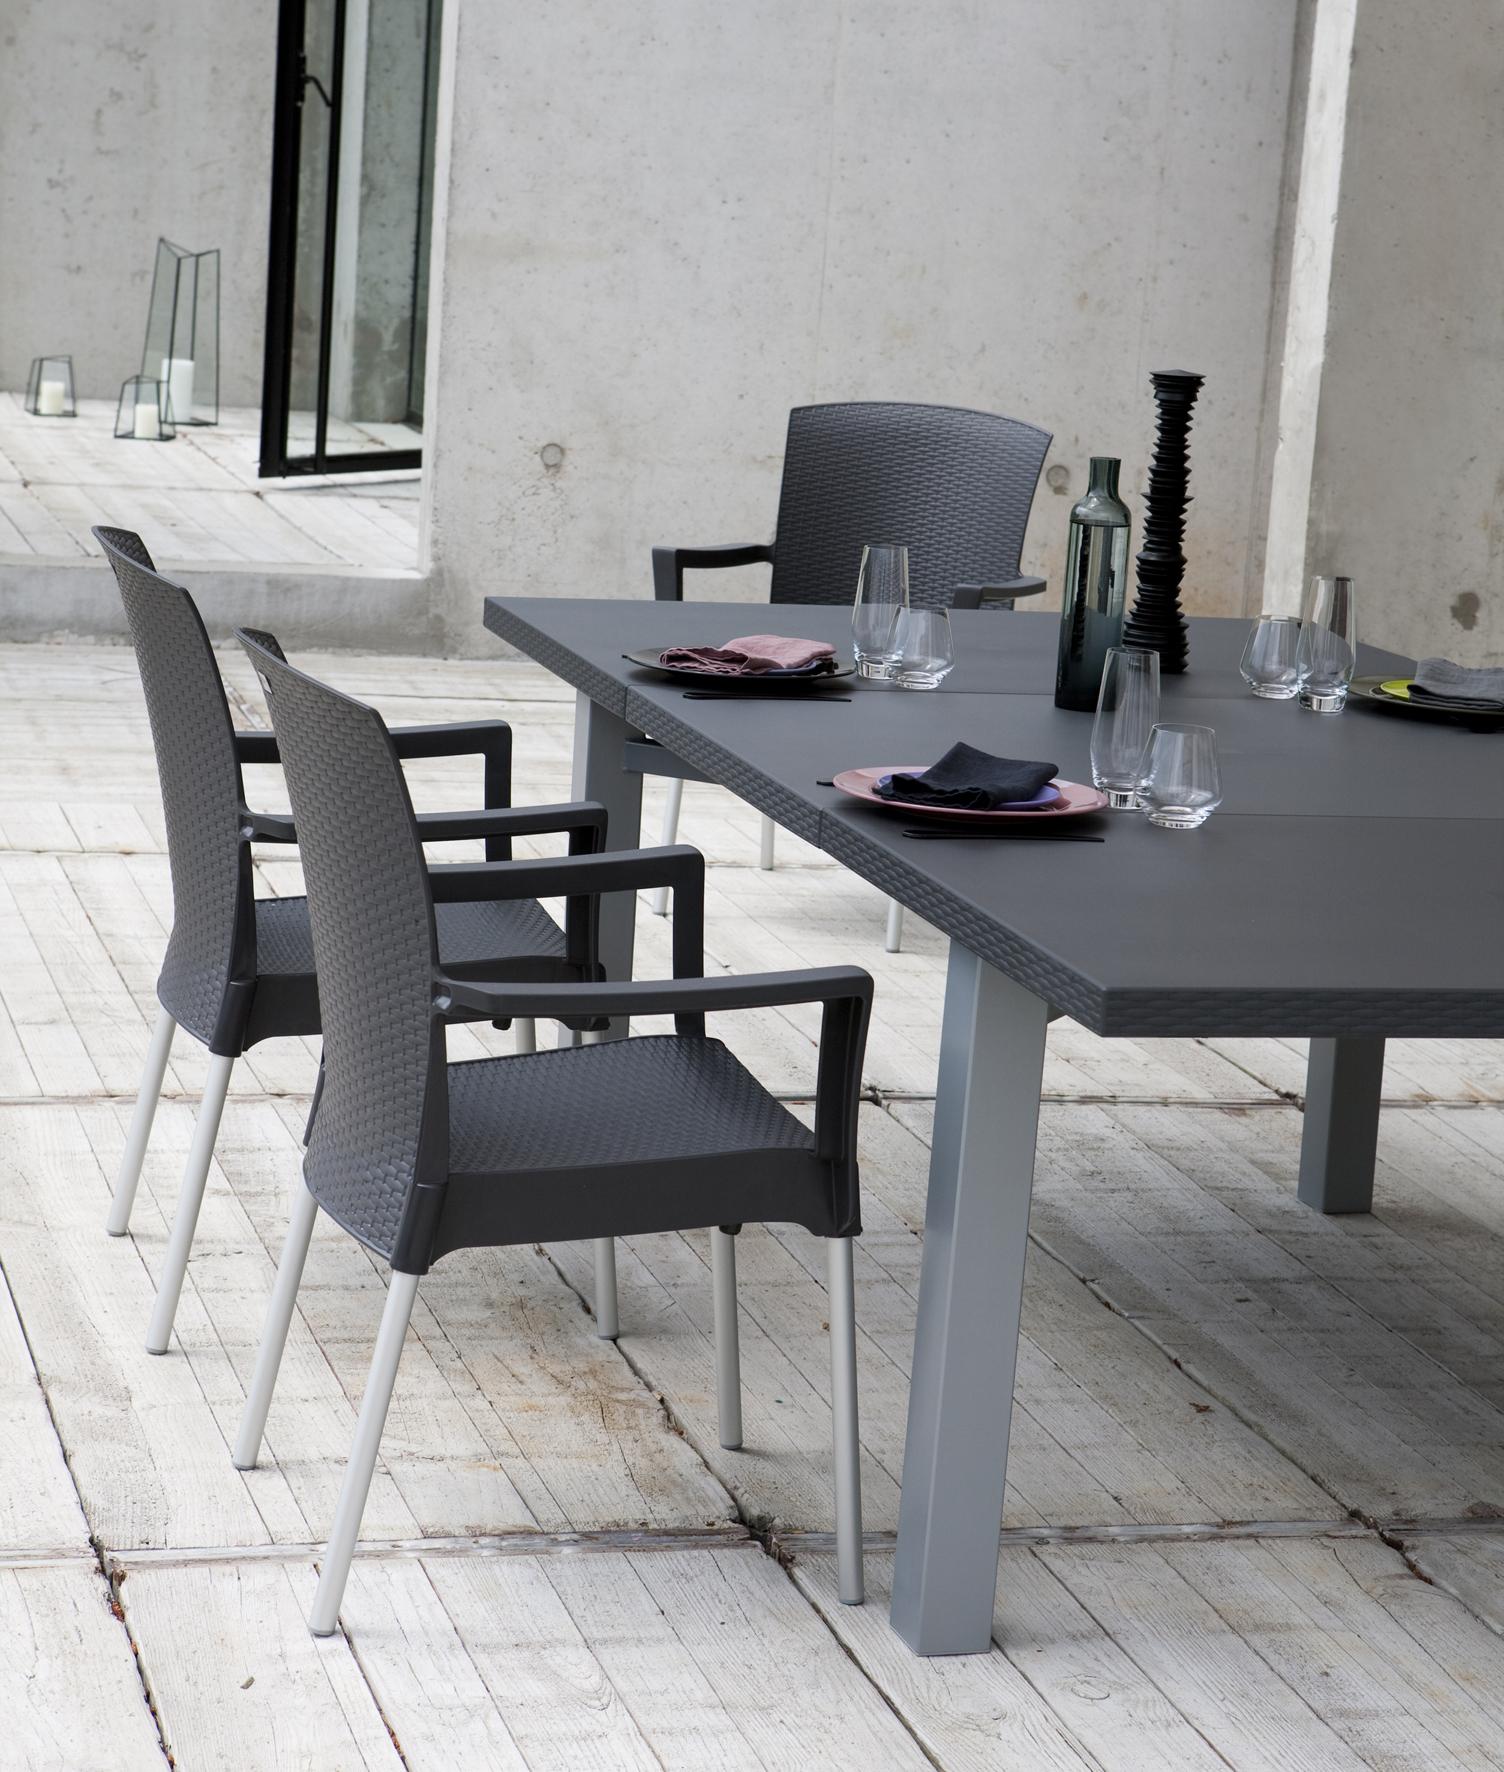 Ineo Garden Furniture | Grosfillex tout Salon De Jardin Grosfillex